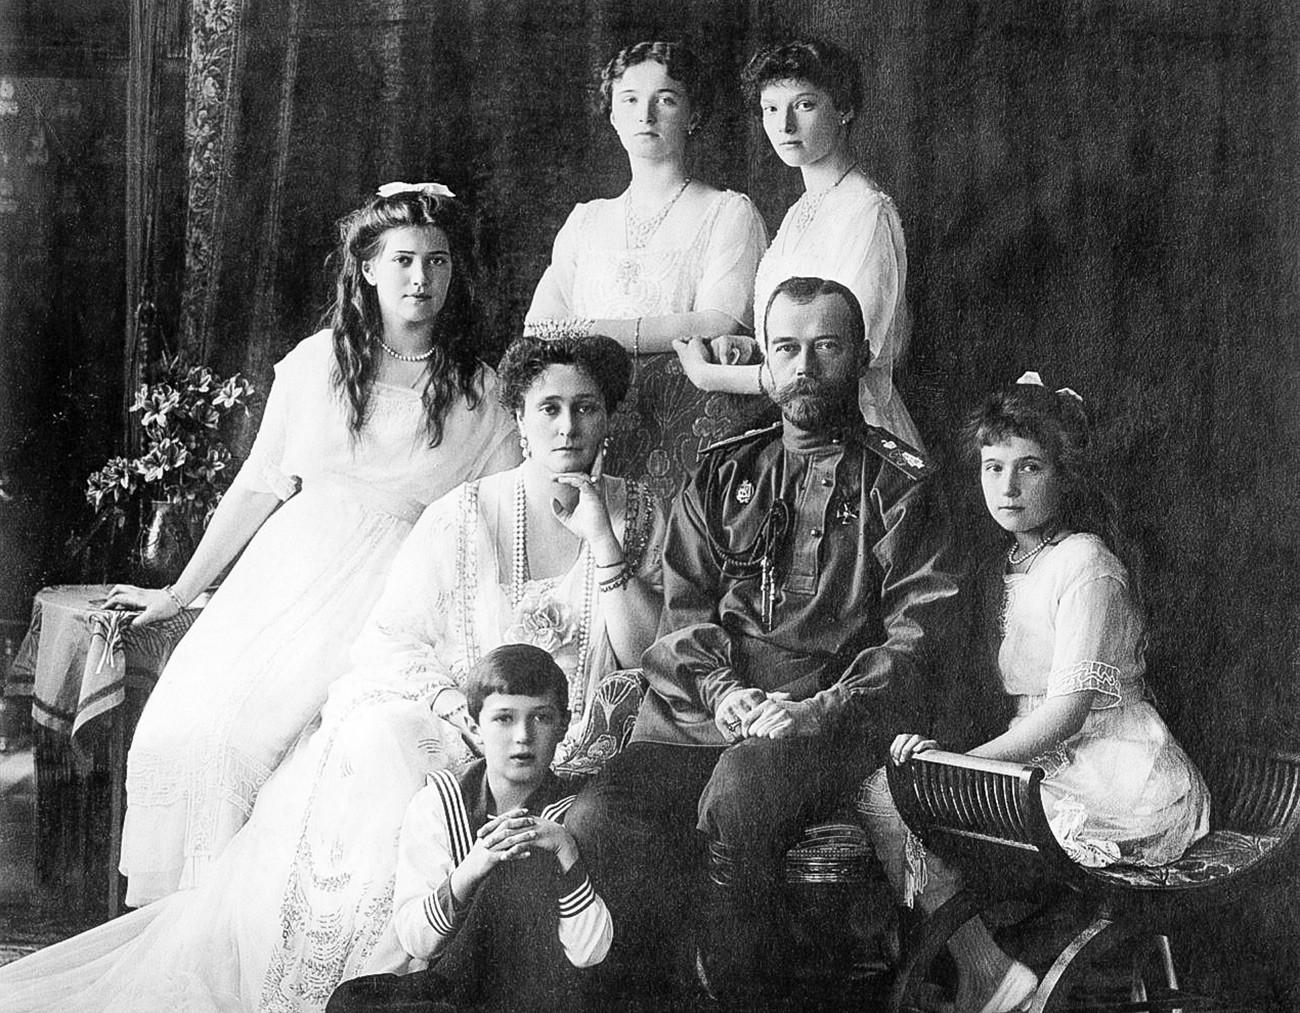 Kaisar Nicholas II bersama istrinya, Alix of Gessen (dibaptis menjadi Orthodoxy sebagai Alexandra Fedorovna) dan anak-anak mereka.